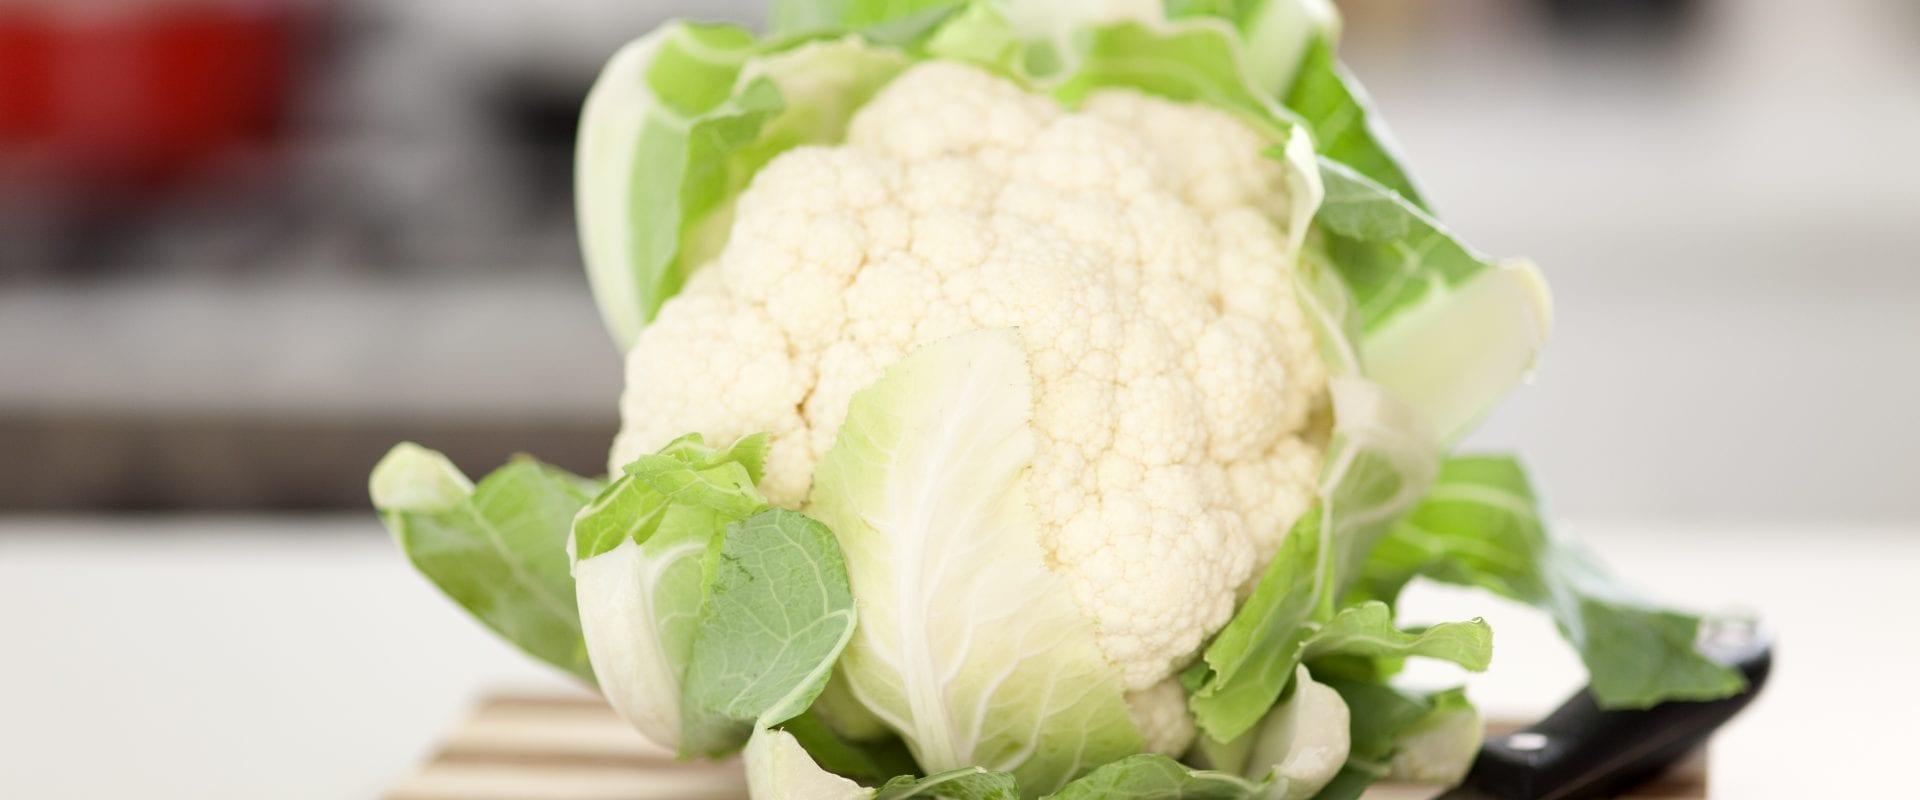 Blomkål: Den kalorielette grøntsag